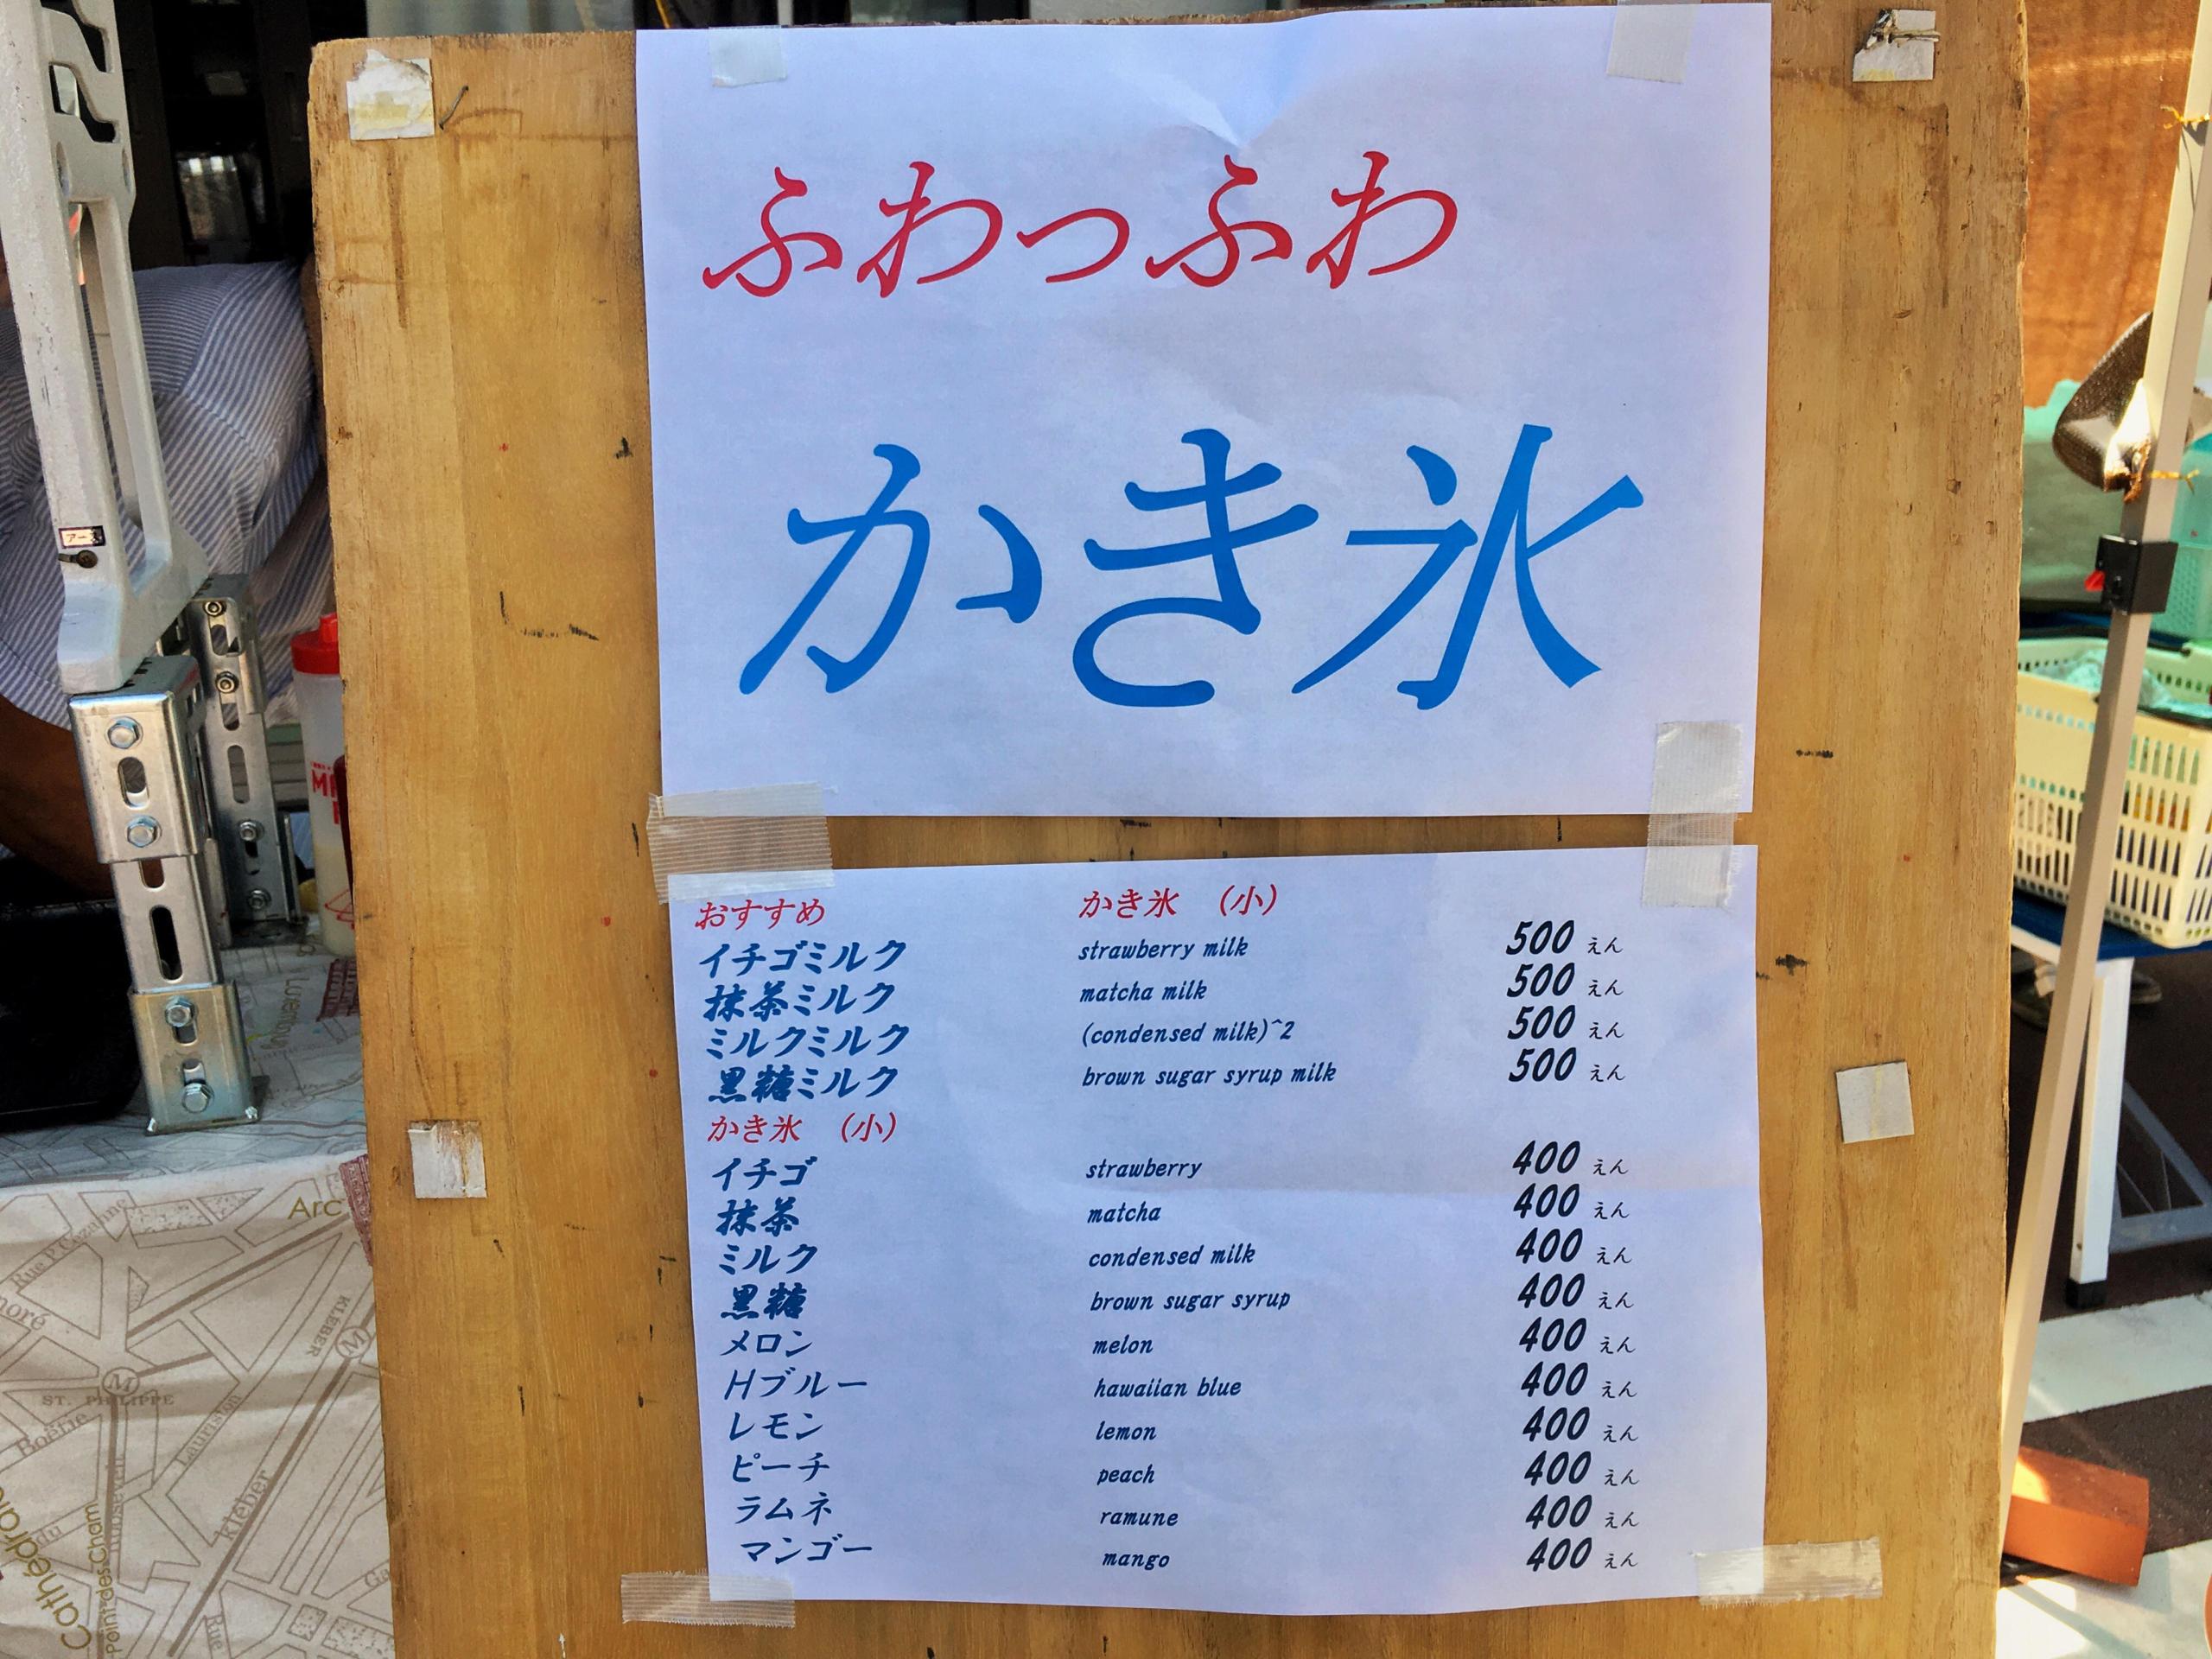 7月17日OTOWAピクニックライブ&マーケットinわいわい広場